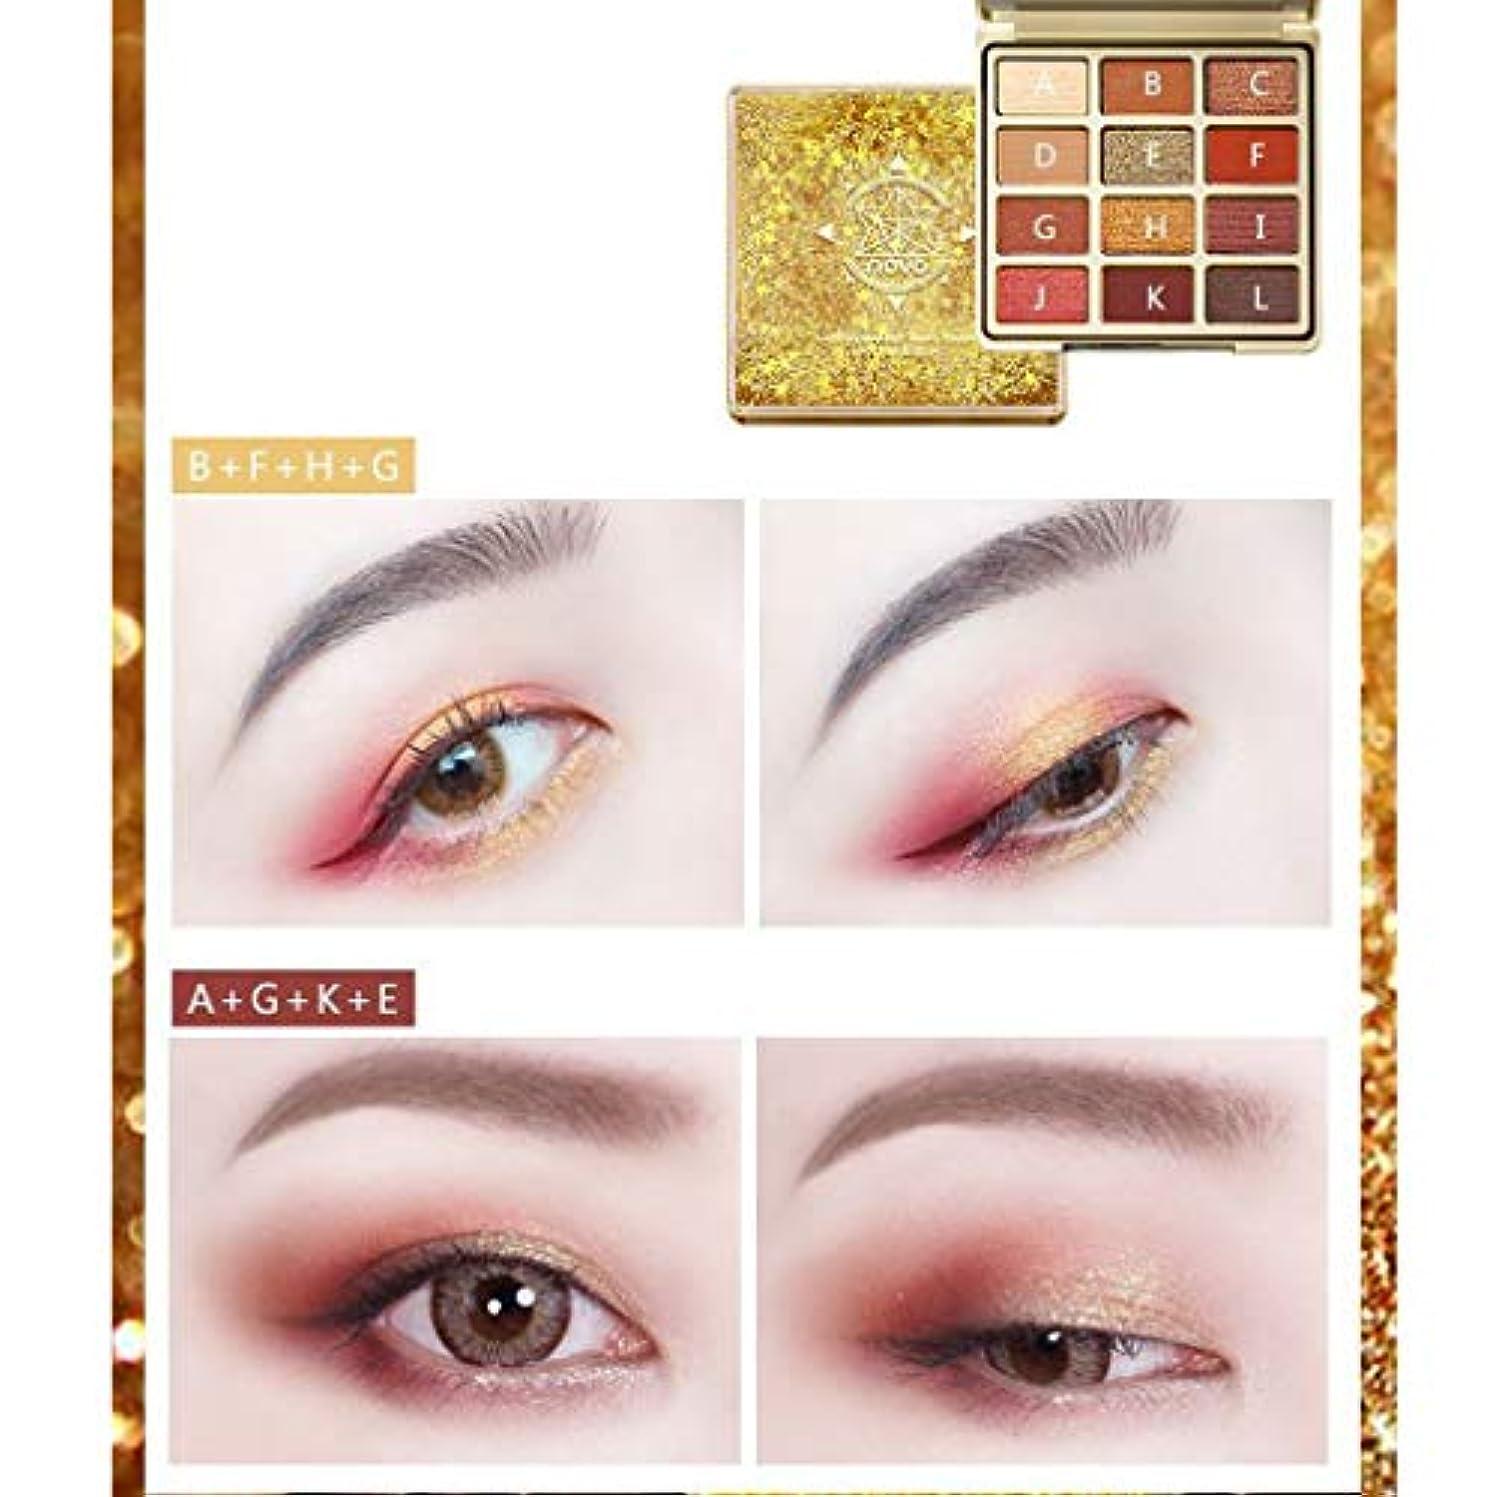 メーカースタンド磁石Akane アイシャドウパレット Novo ファッション INS 人気 超綺麗 美しい キラキラ 優雅な 防水 魅力的 高級 可愛い 持ち便利 日常 Eye Shadow (12色) 103